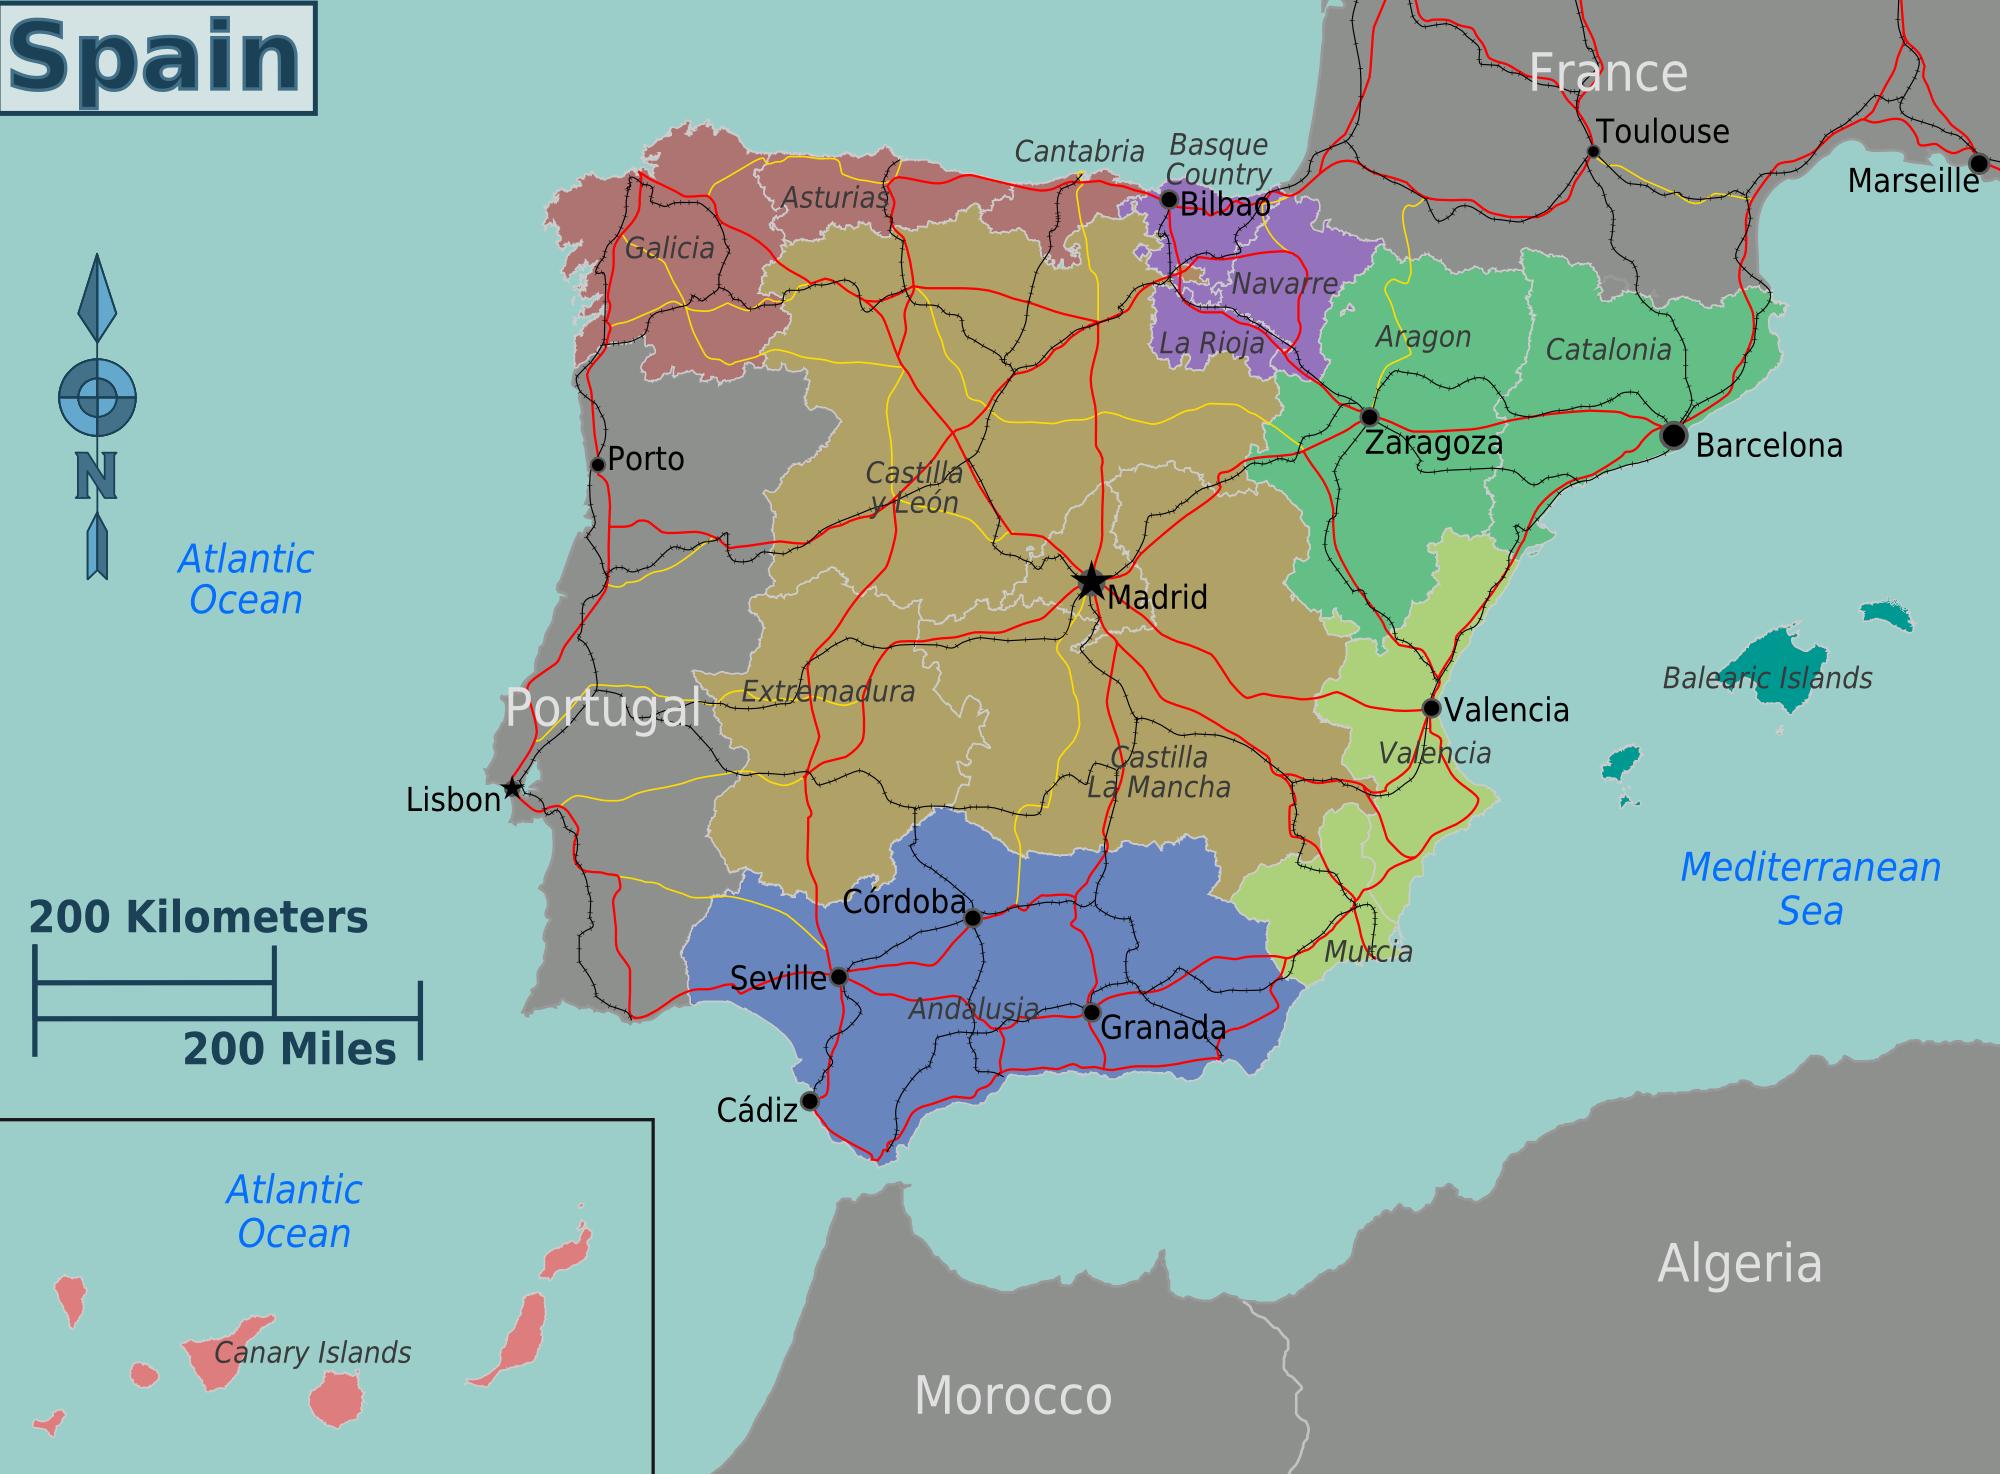 Andalusien Karte Spanien.Landkarten Und Stadtpläne Von Spanien Weltkarte Com Karten Und